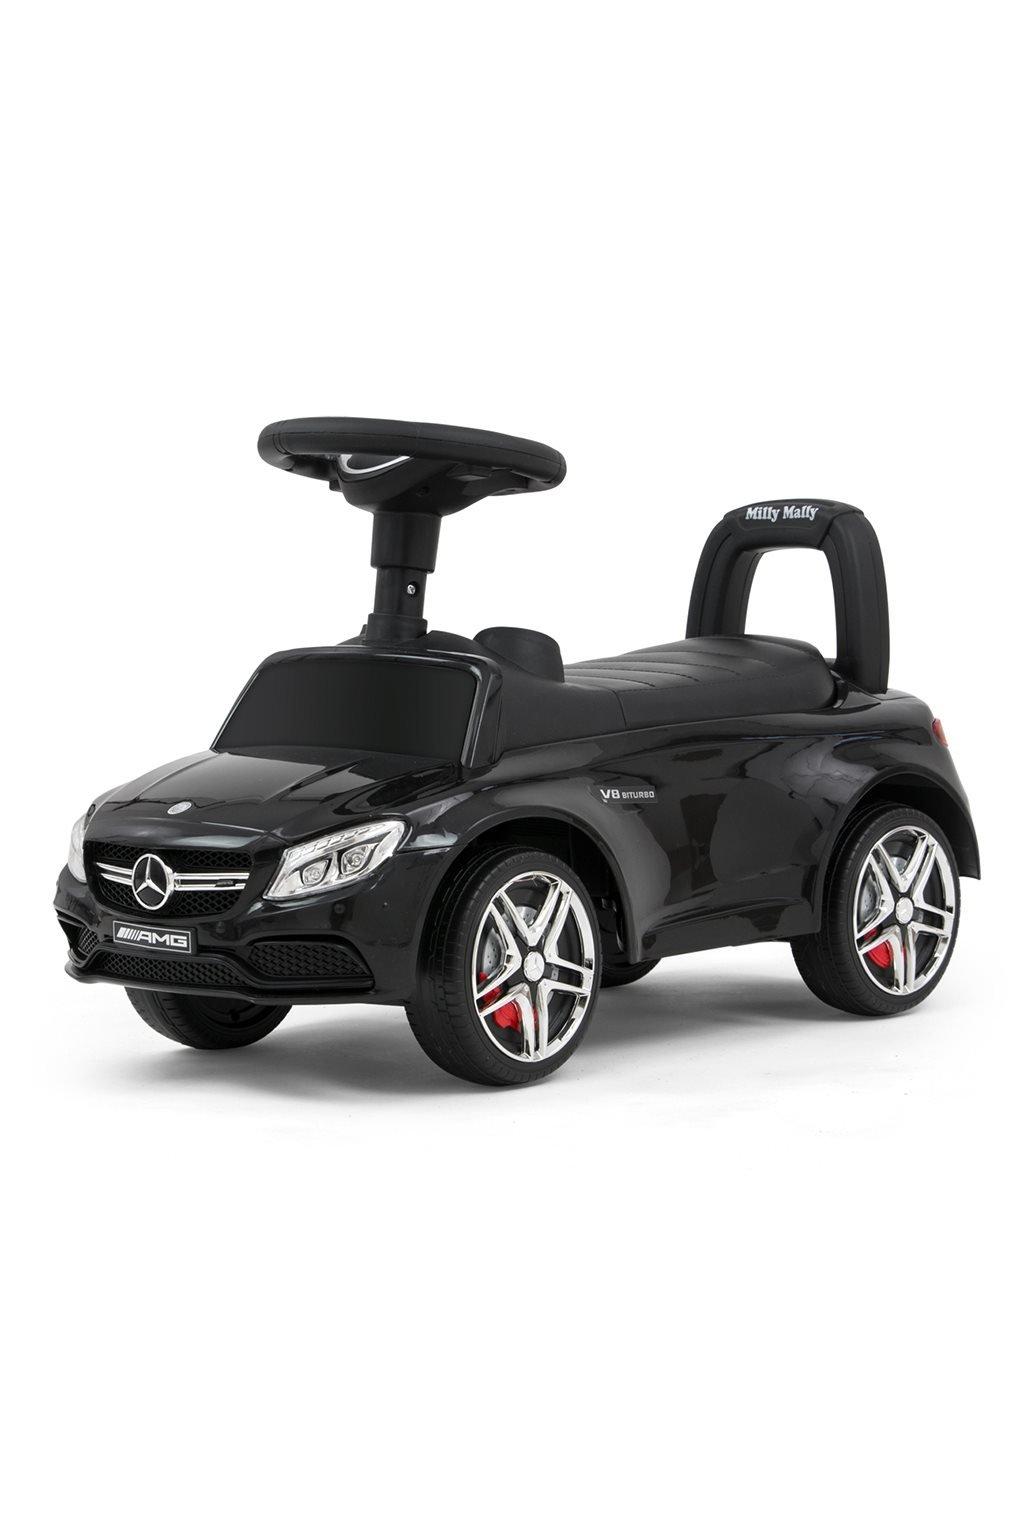 Detské odrážadlo Mercedes Benz AMG C63 Coupe Milly Mally black